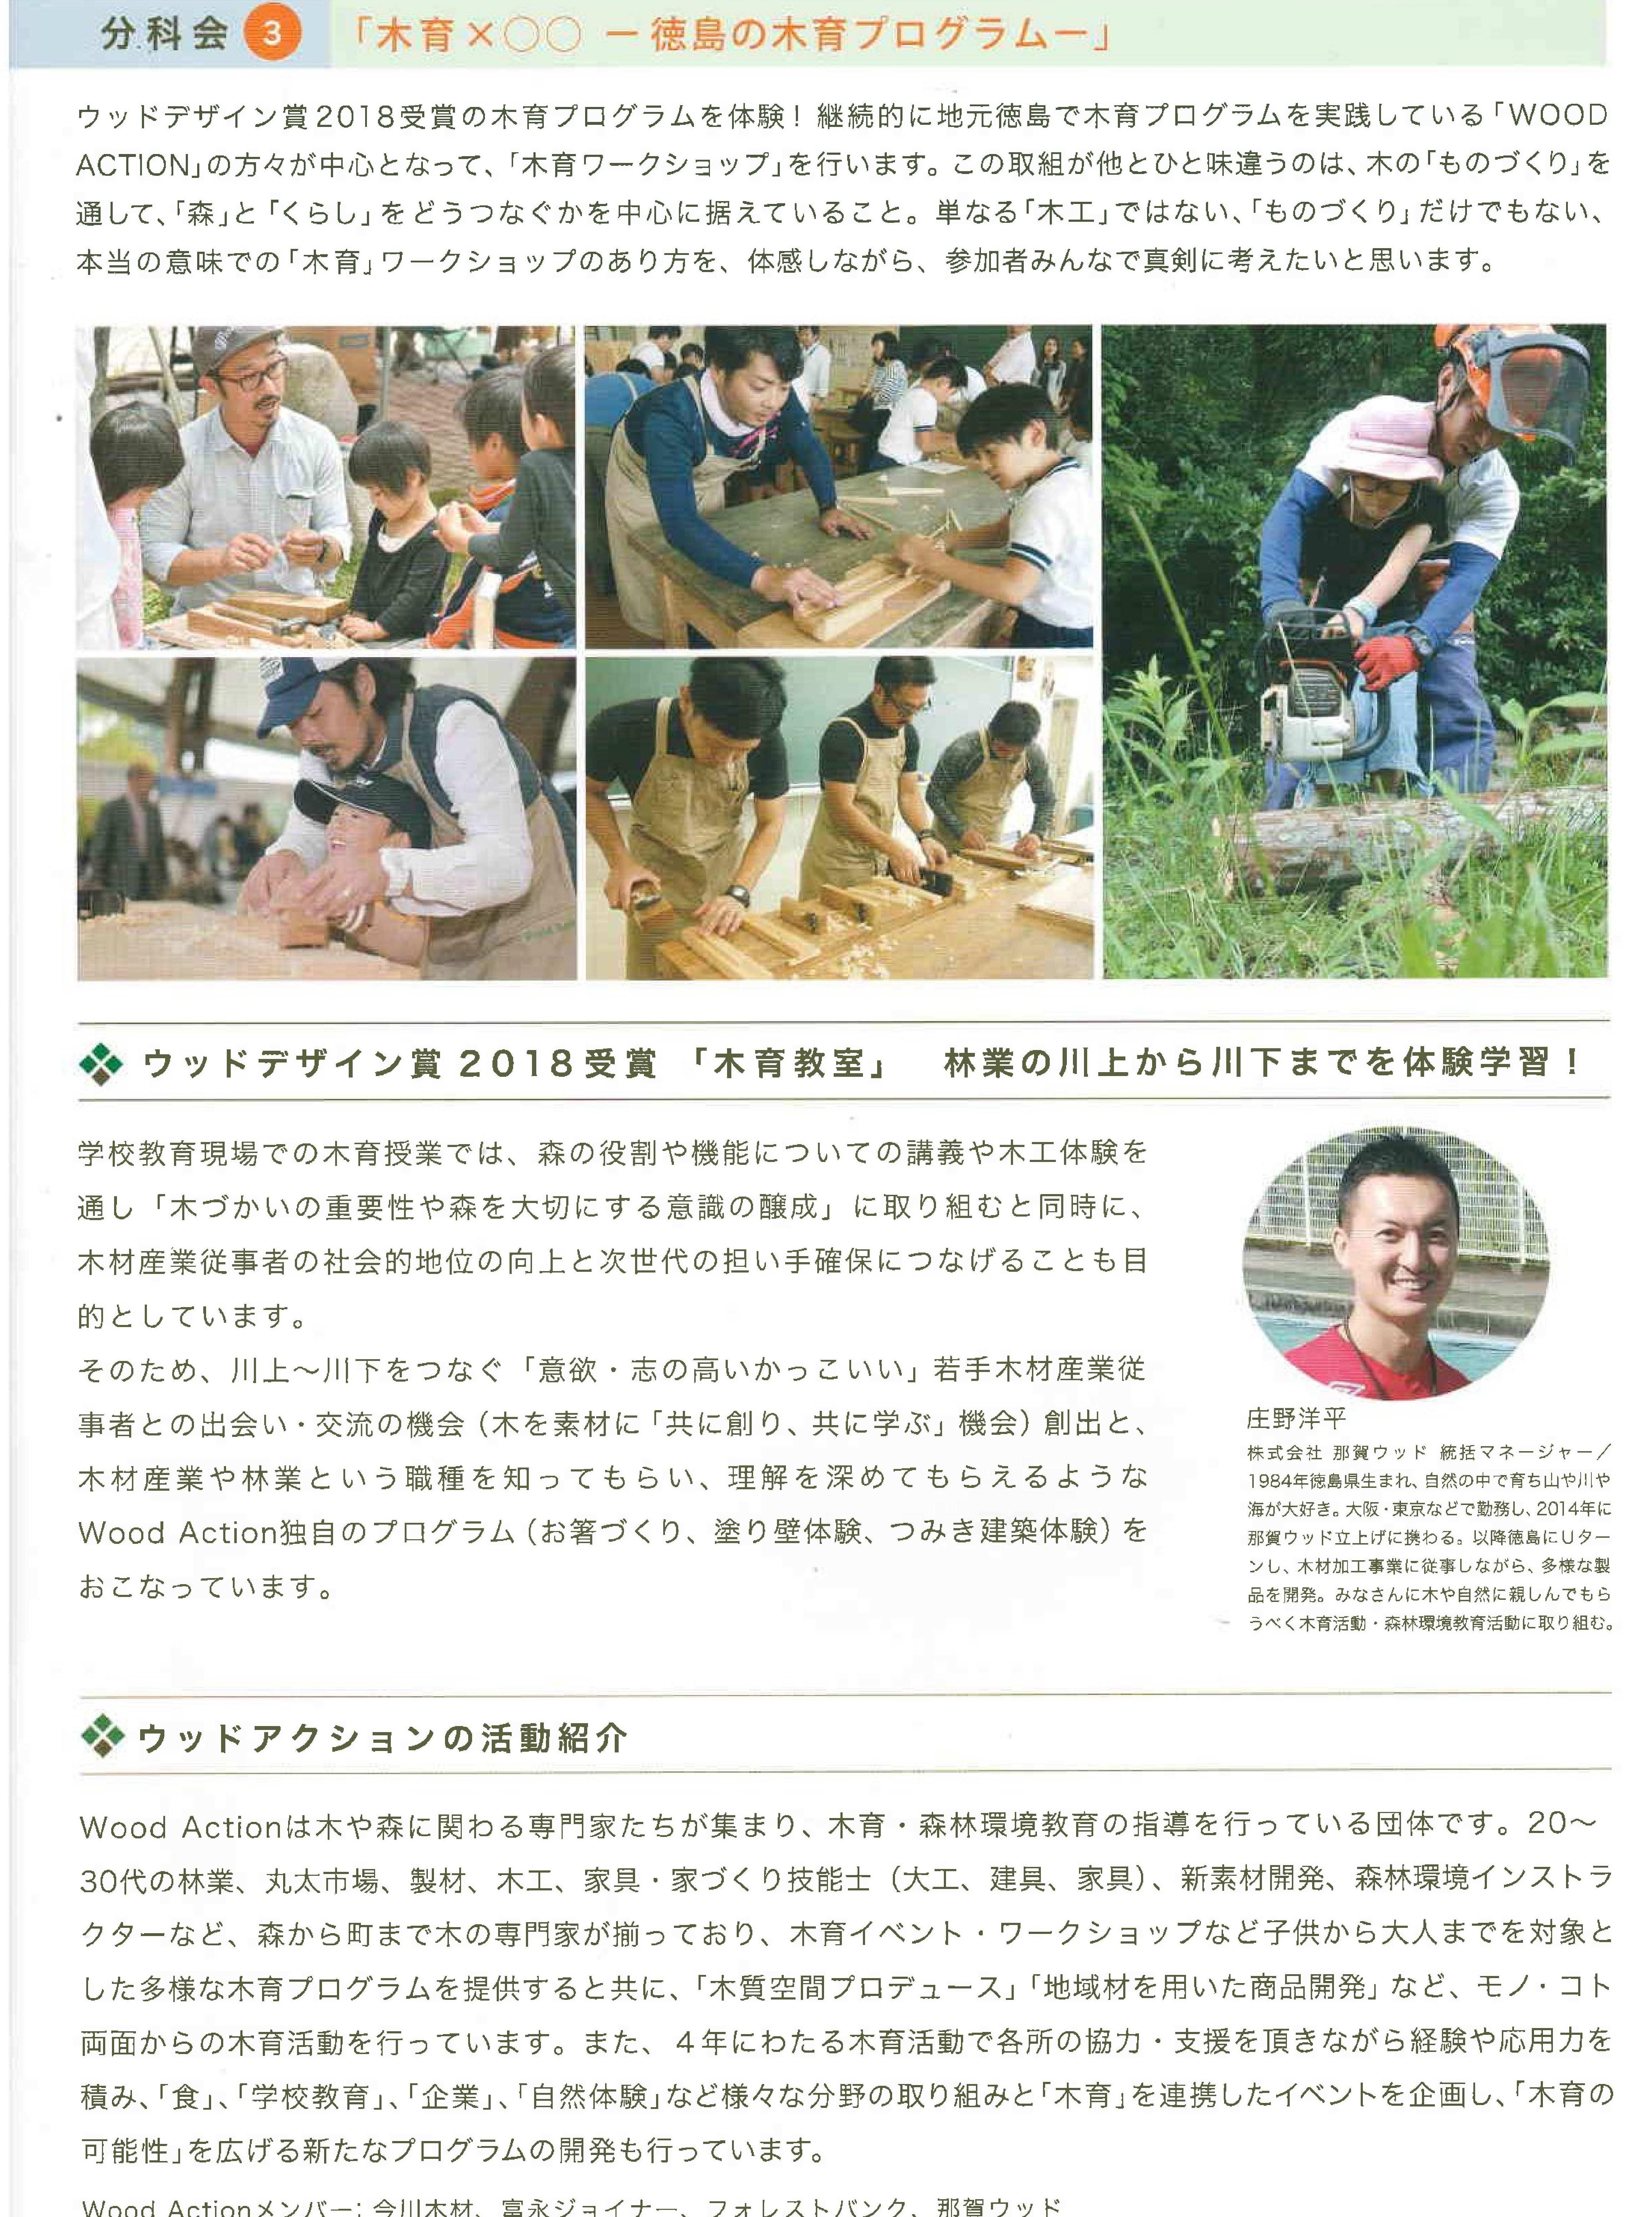 木育サミットin徳島 那賀ウッドは座長として木育プログラム分科会を行いました